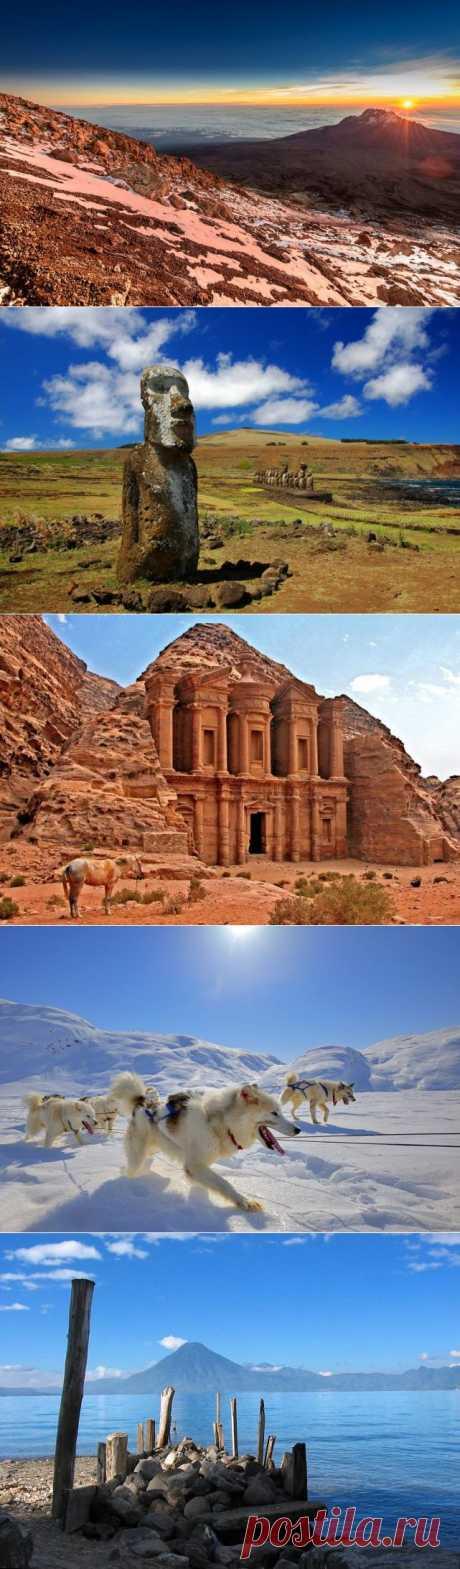 Путешествия по гороскопу: февраль / Туристический спутник